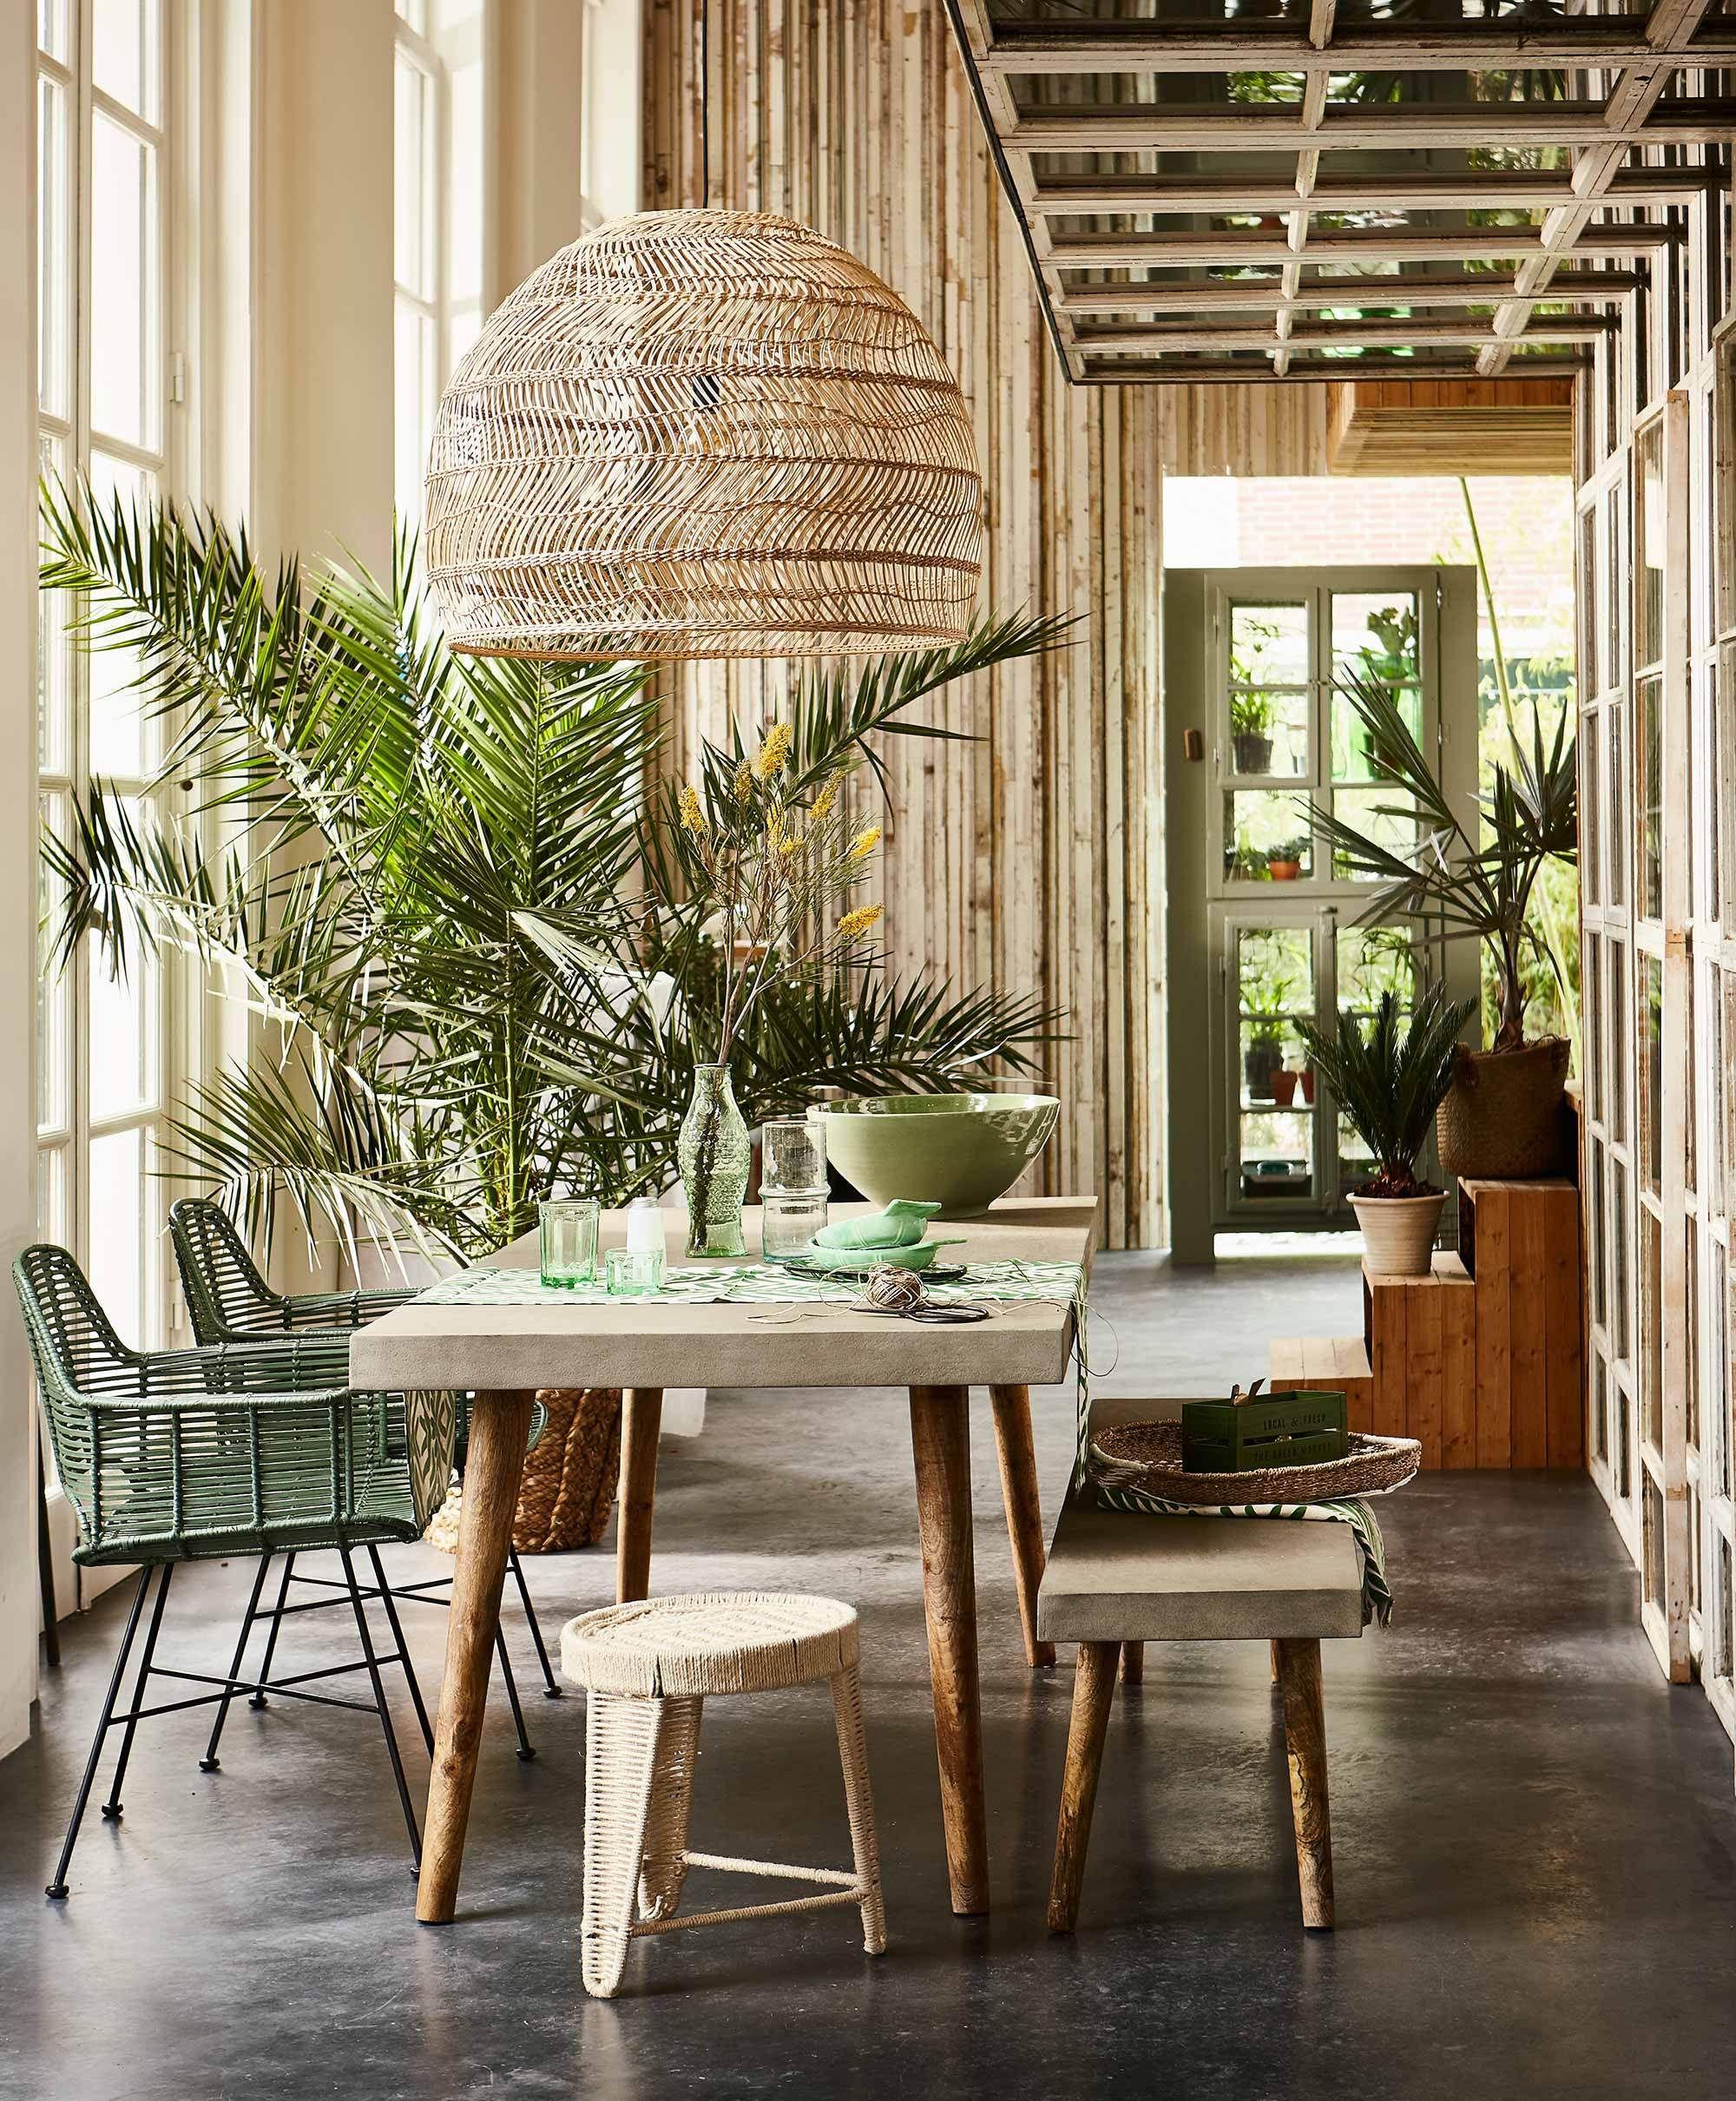 Épinglé Par Brooke Nichols Sur Resort Decor | Intérieur ... intérieur Croisillon Jardin